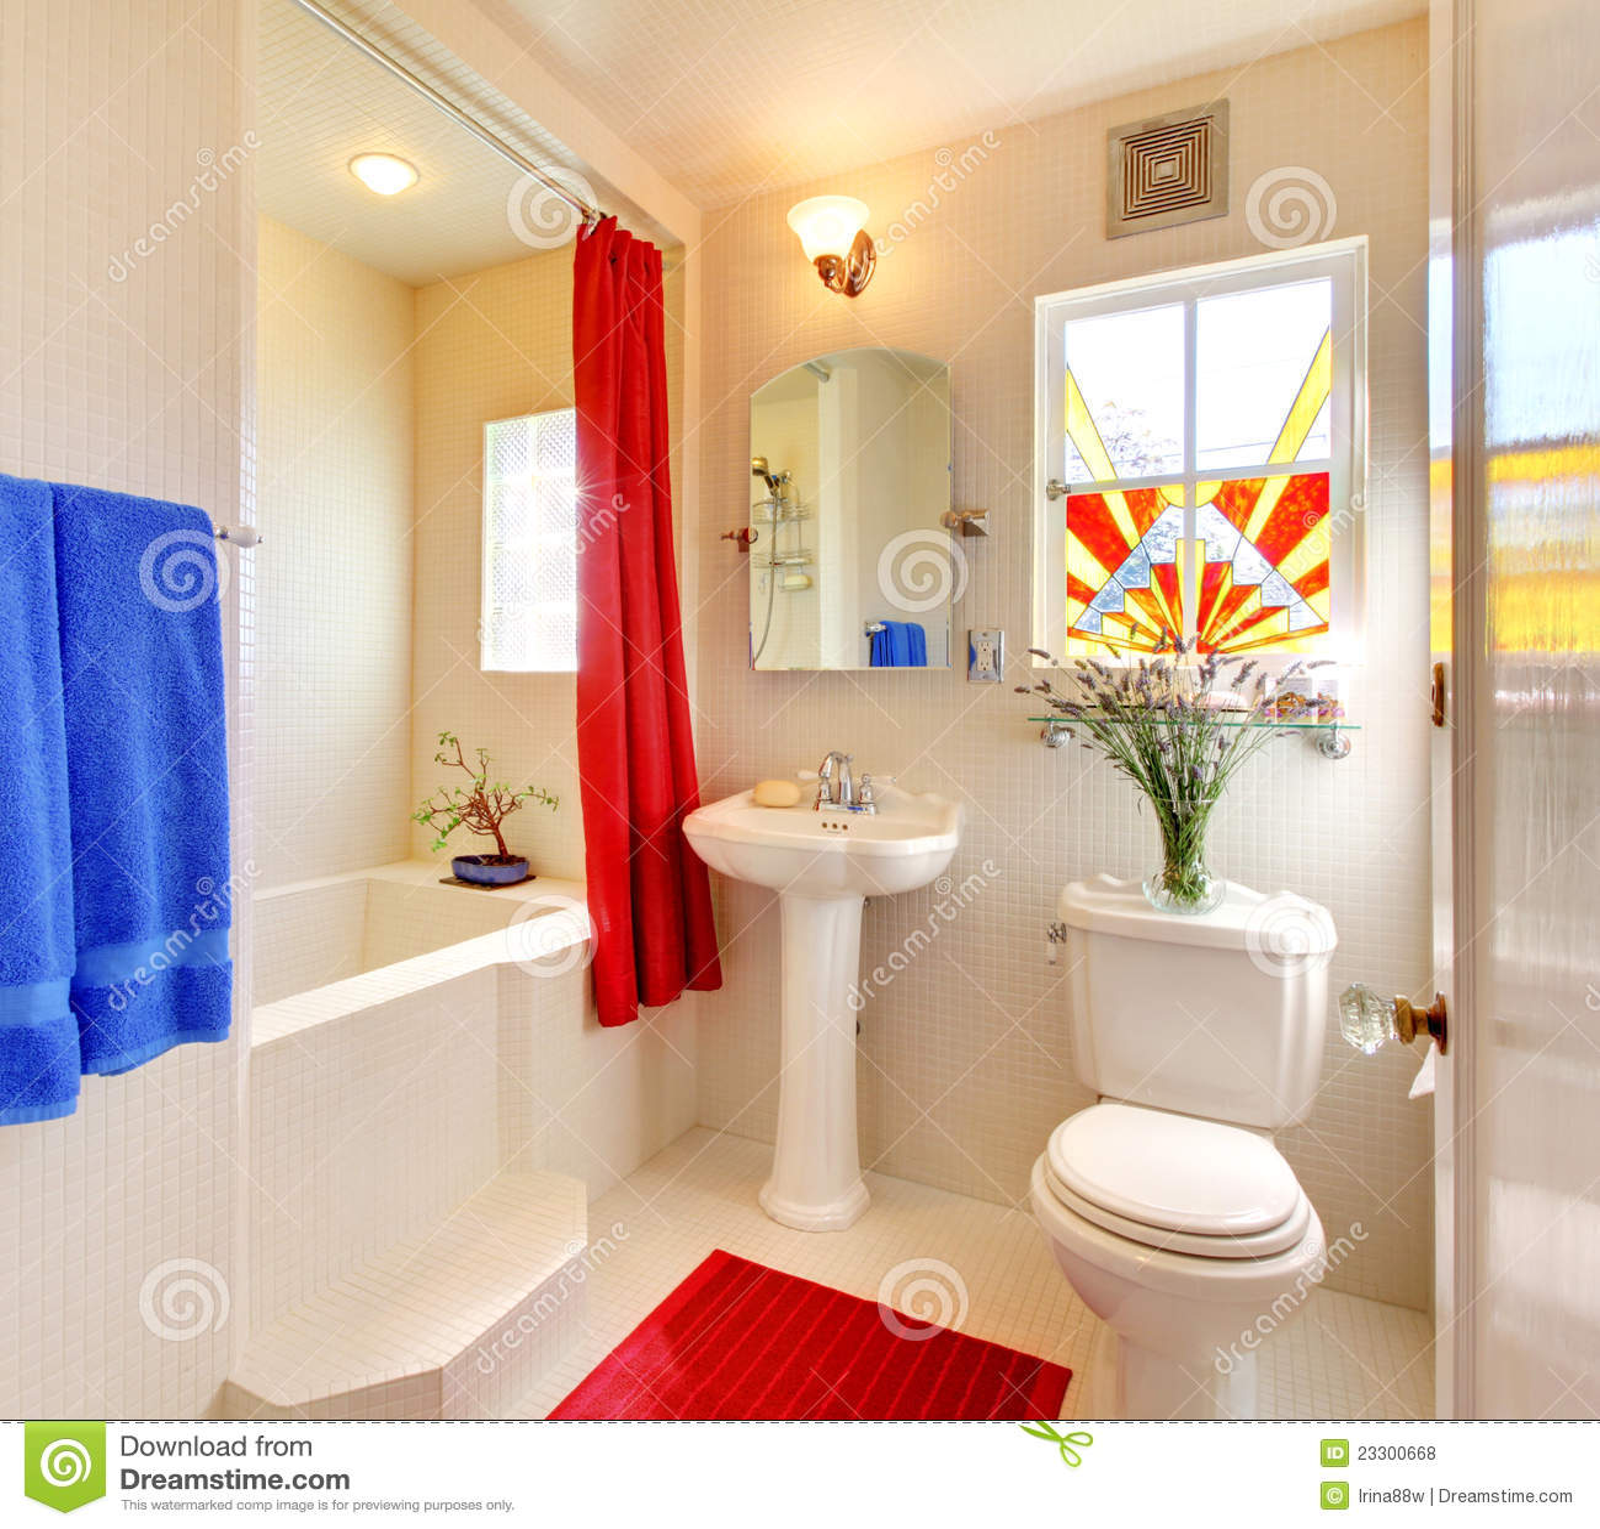 Banheiro Bonito Branco E Vermelho Moderno. Fotos de Stock Royalty Free  #8D0D08 1300x1259 Banheiro Bonito E Pequeno